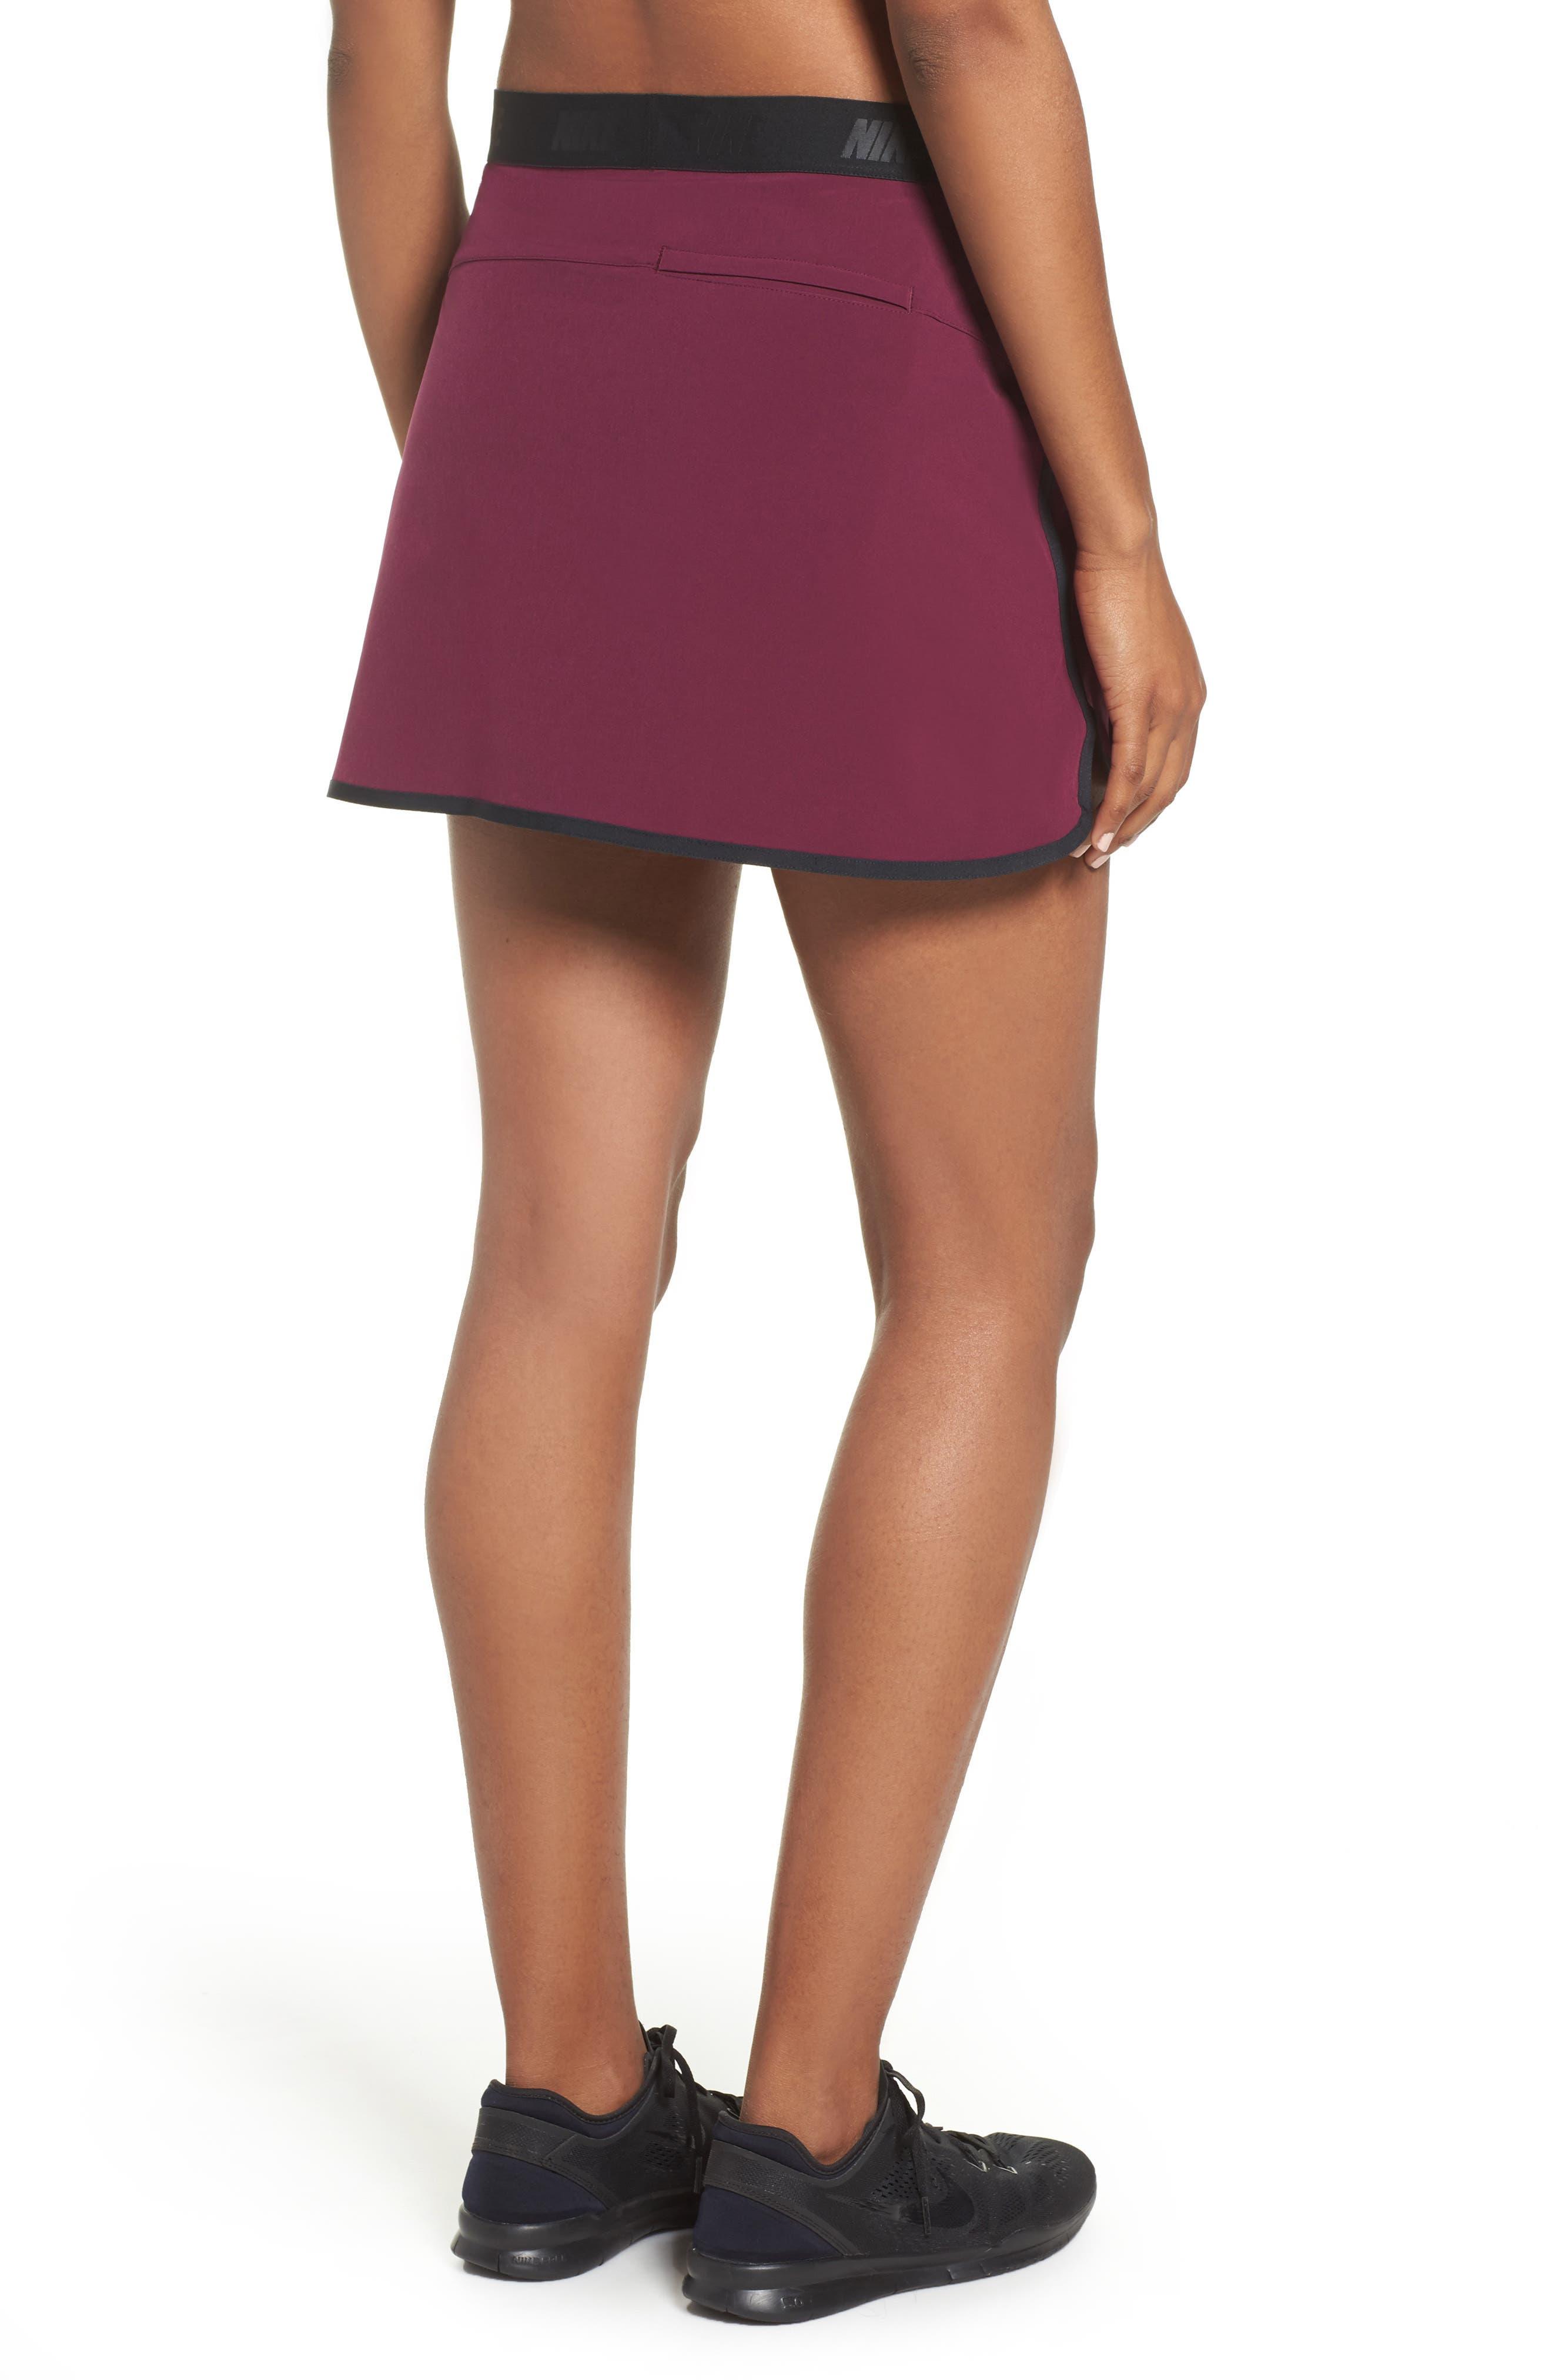 Flex Tennis Skirt,                             Alternate thumbnail 2, color,                             930